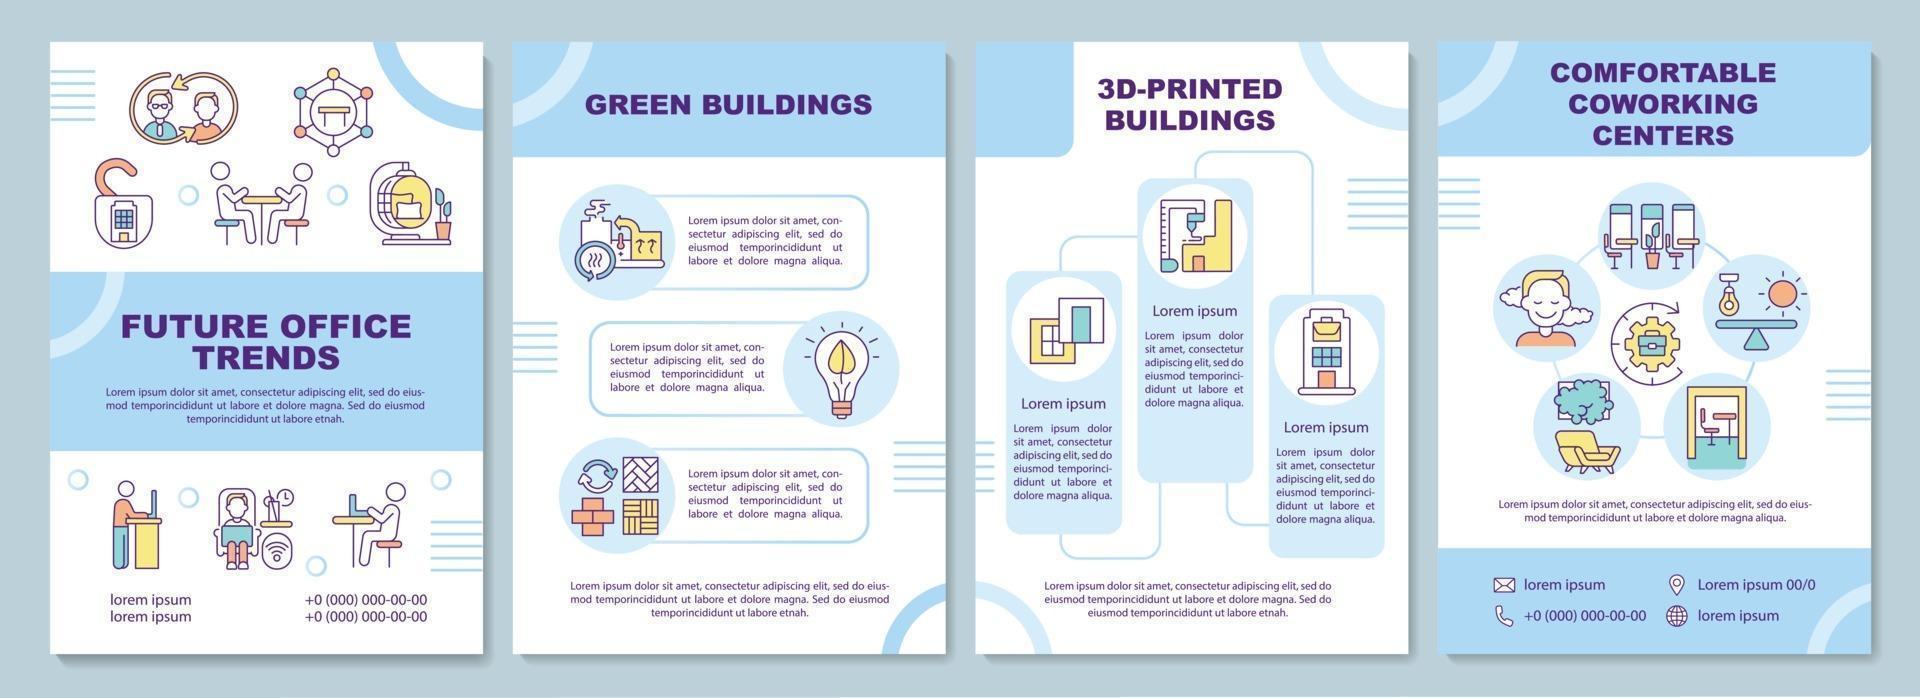 toekomstige kantoor trends brochure sjabloon vector